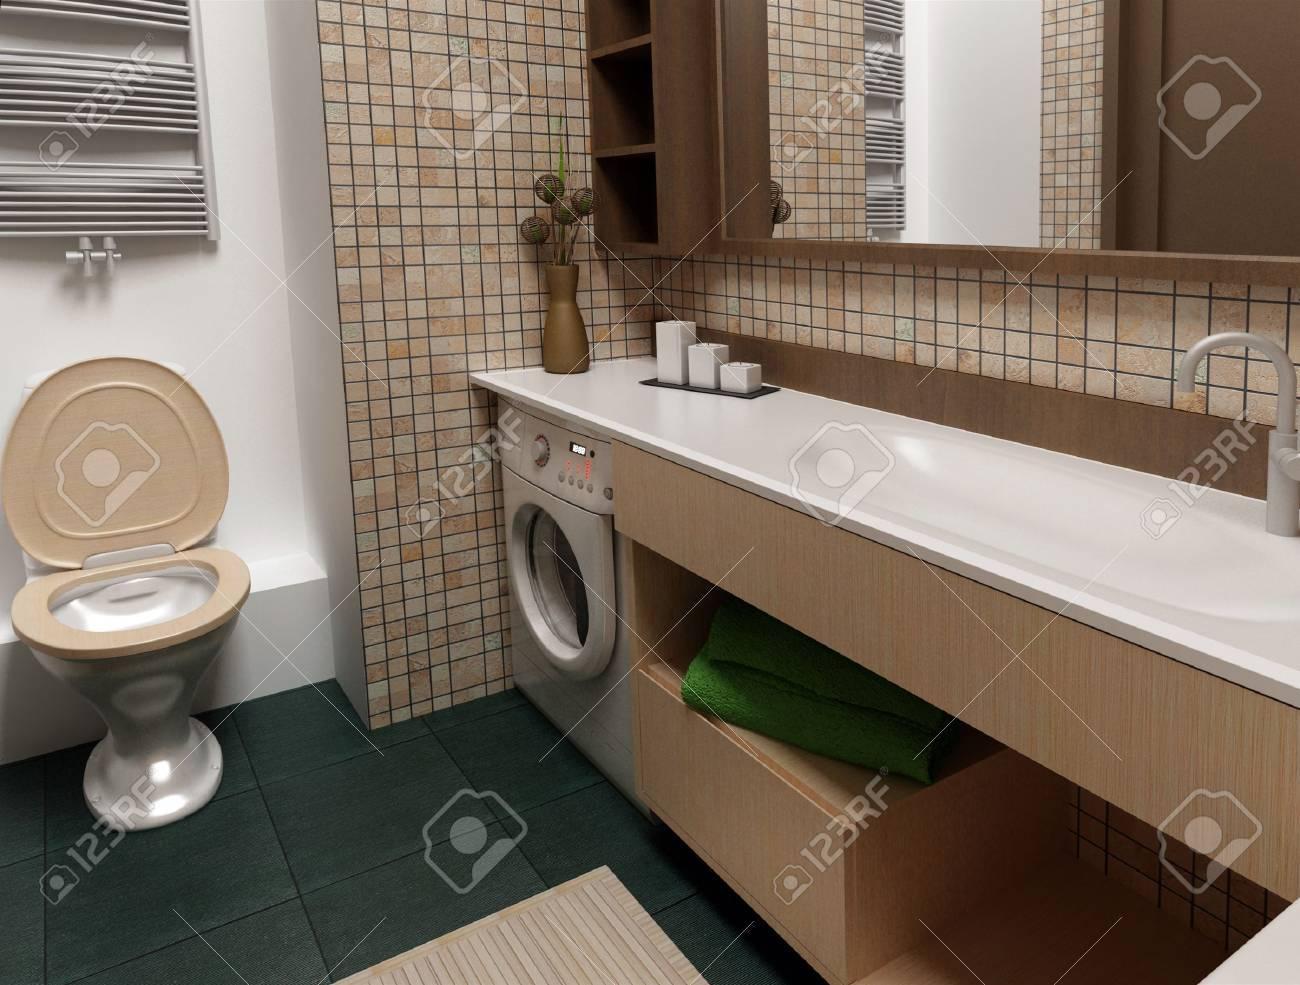 Bathroom interior - 8113458